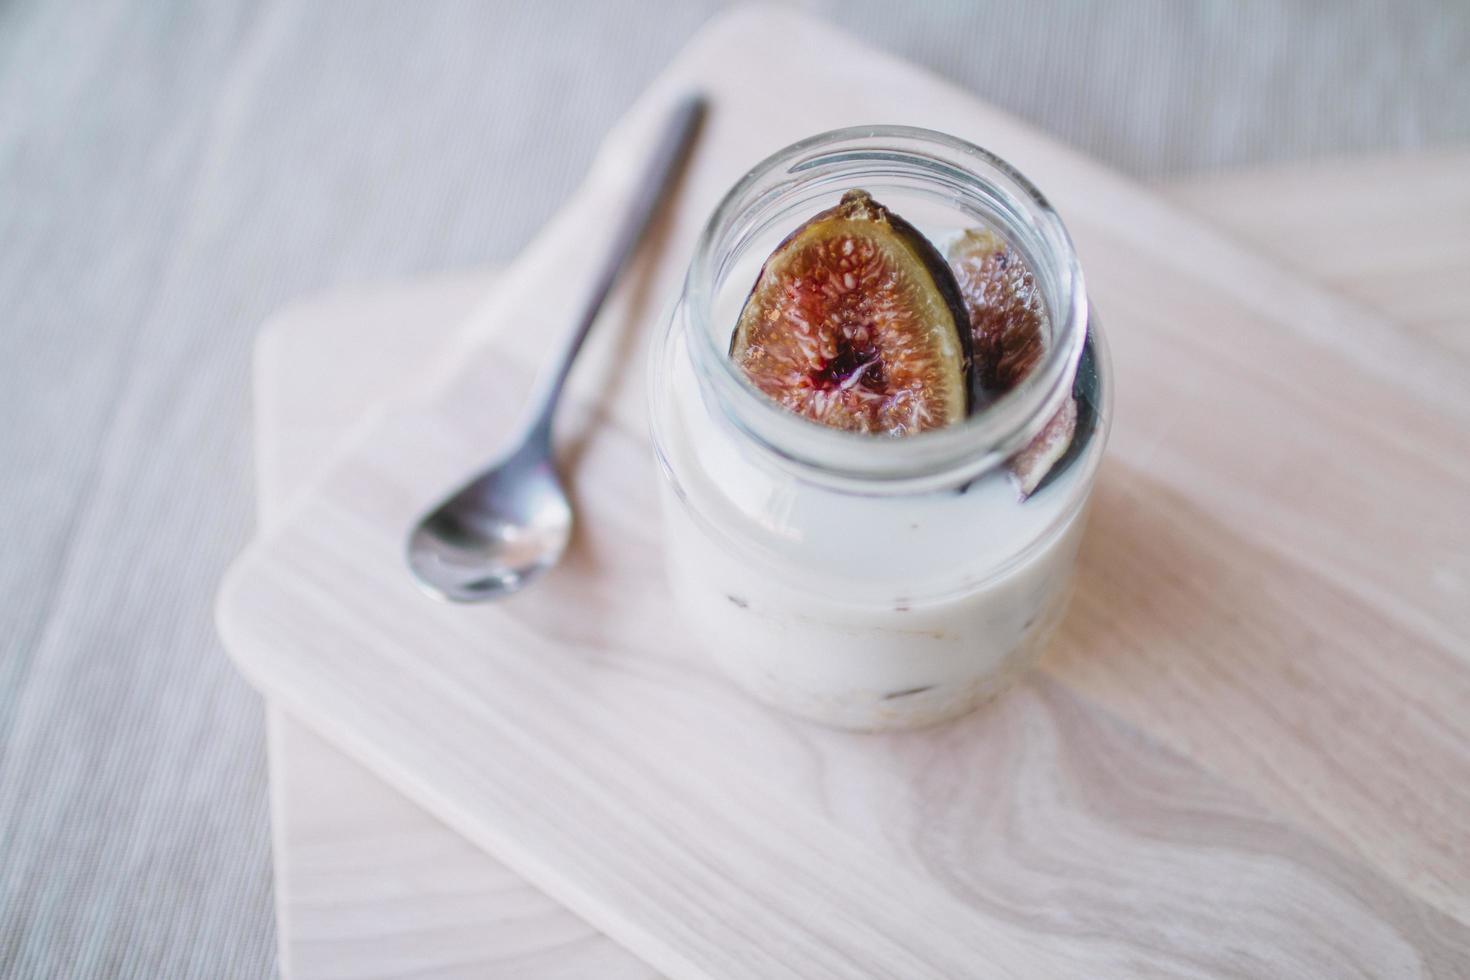 Feigenmousse-Dessert foto